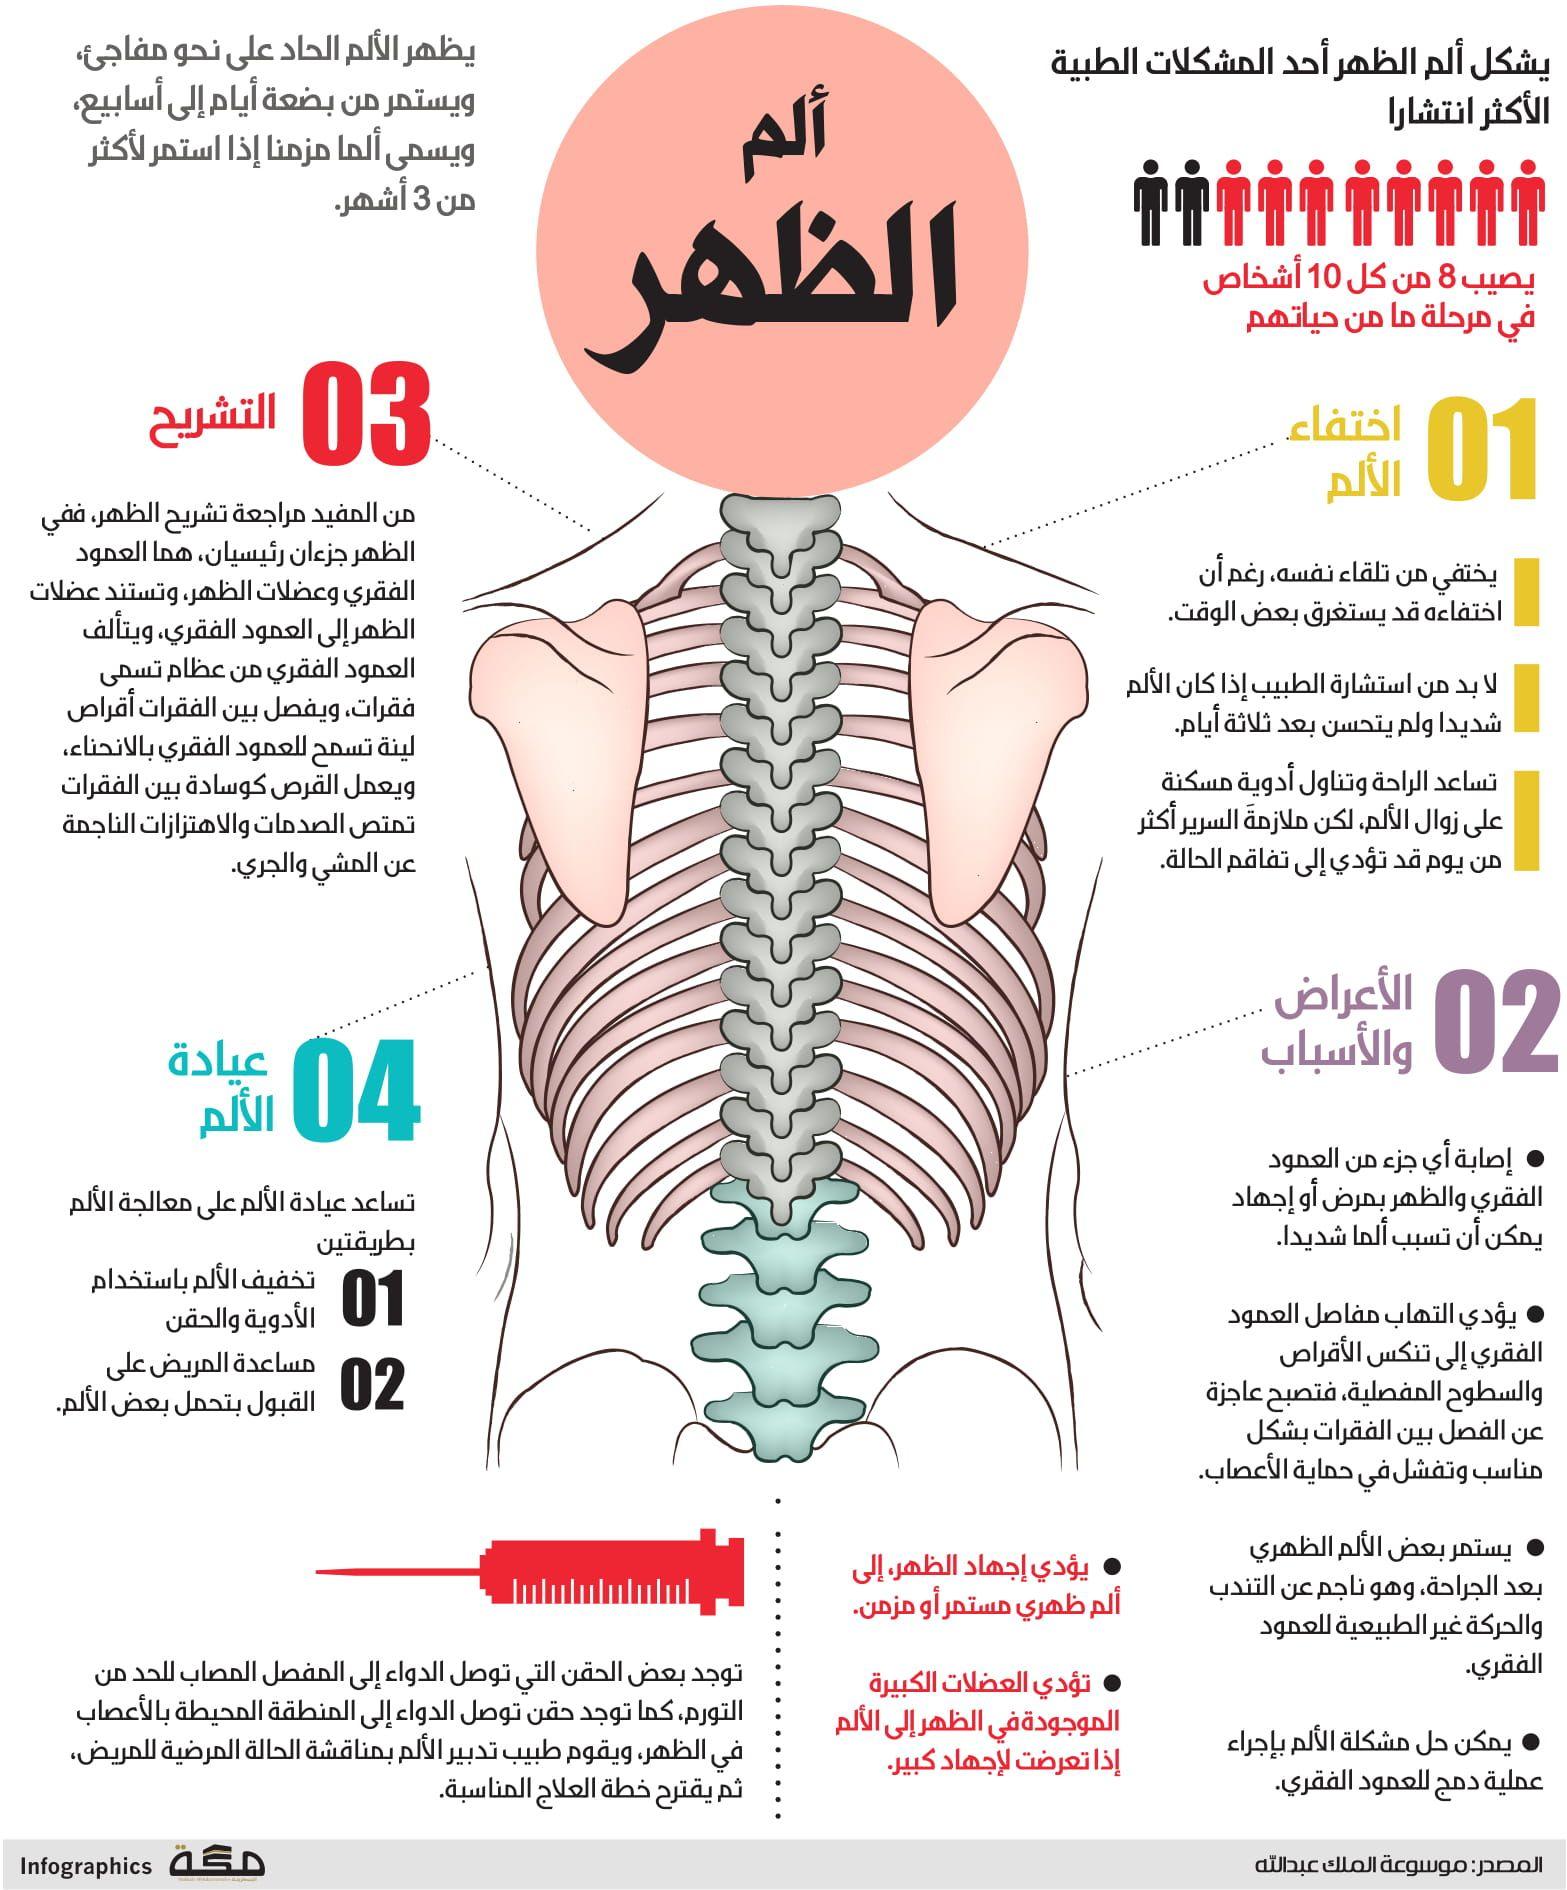 الم الظهر صحيفة مكة انفوجرافيك صحة Healthy Lifestyle Essay Healthy Lifestyle Habits Sports Massage